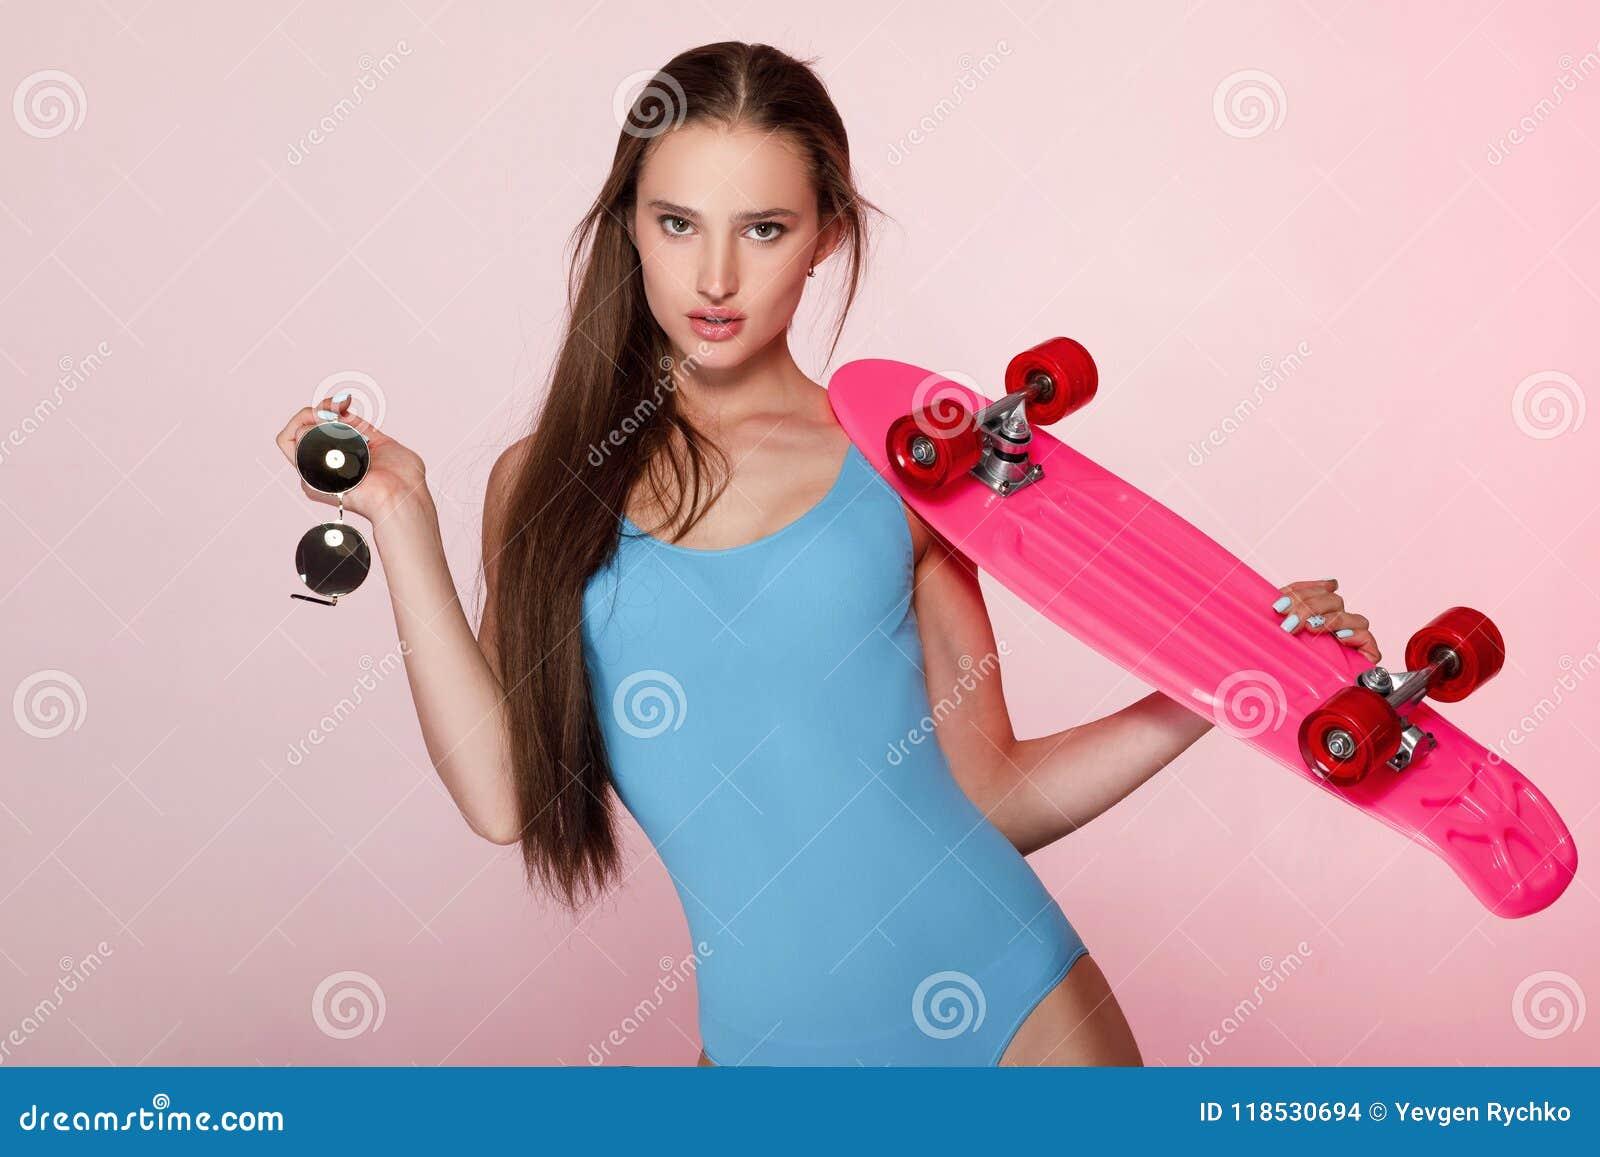 Beautiful woman holding skateboard